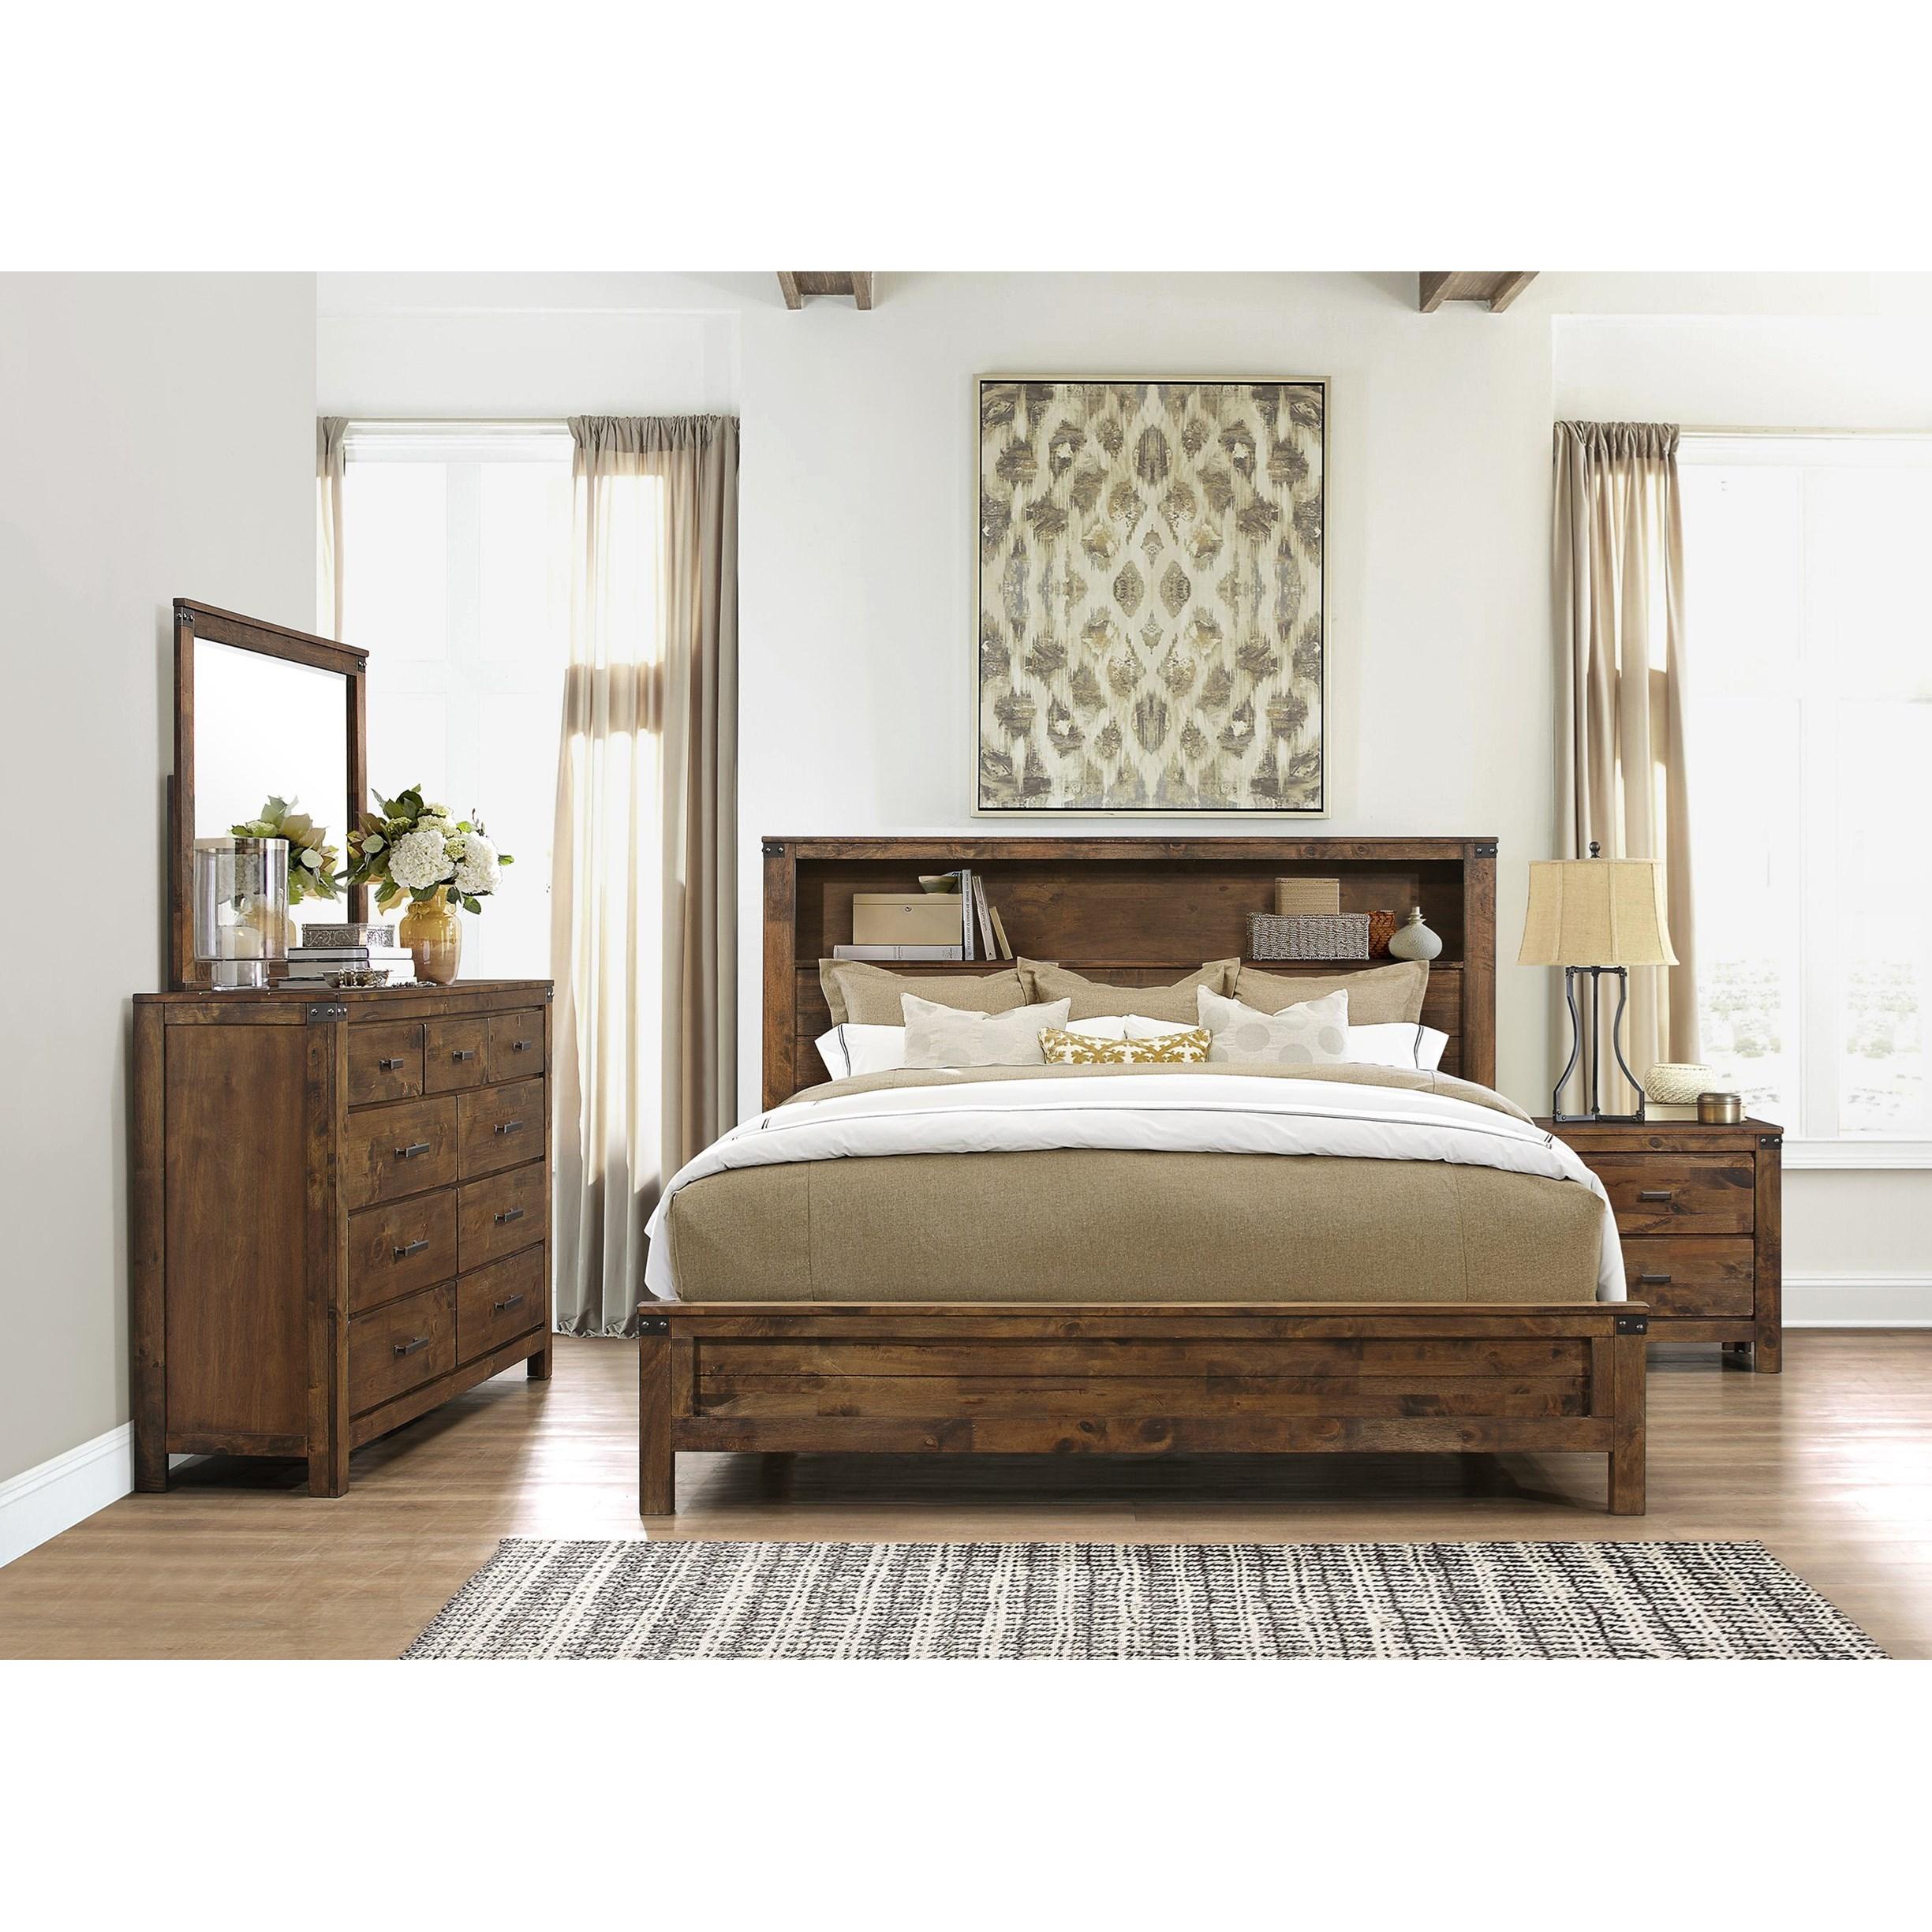 Bedroom Furniture Usa: Global Furniture Victoria King Bedroom Group